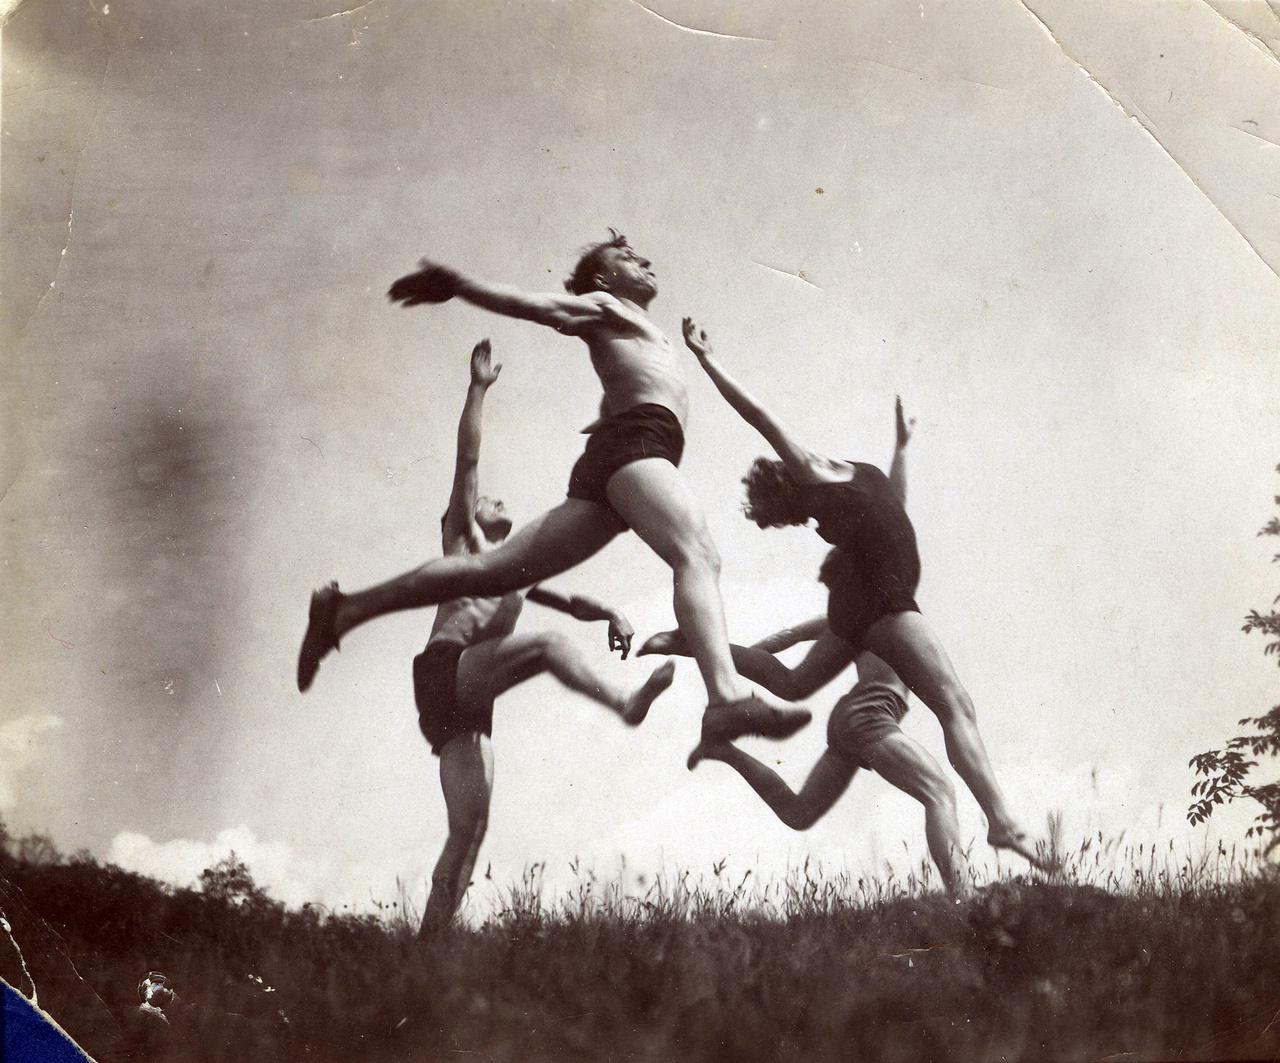 A Kassák-féle Munka-kör egyik kirándulásán készülhetett ez a fotó 1930-ban. A fiatal baloldali munkások és diákok számára szervezett csoportban szavaltak, színházat és folyóiratot csináltak. A fotóscsoport tagja volt a kép feltételezett készítője, Rákosi későbbi protokollfotósa, a szociófotósként induló Bass Tibor is.